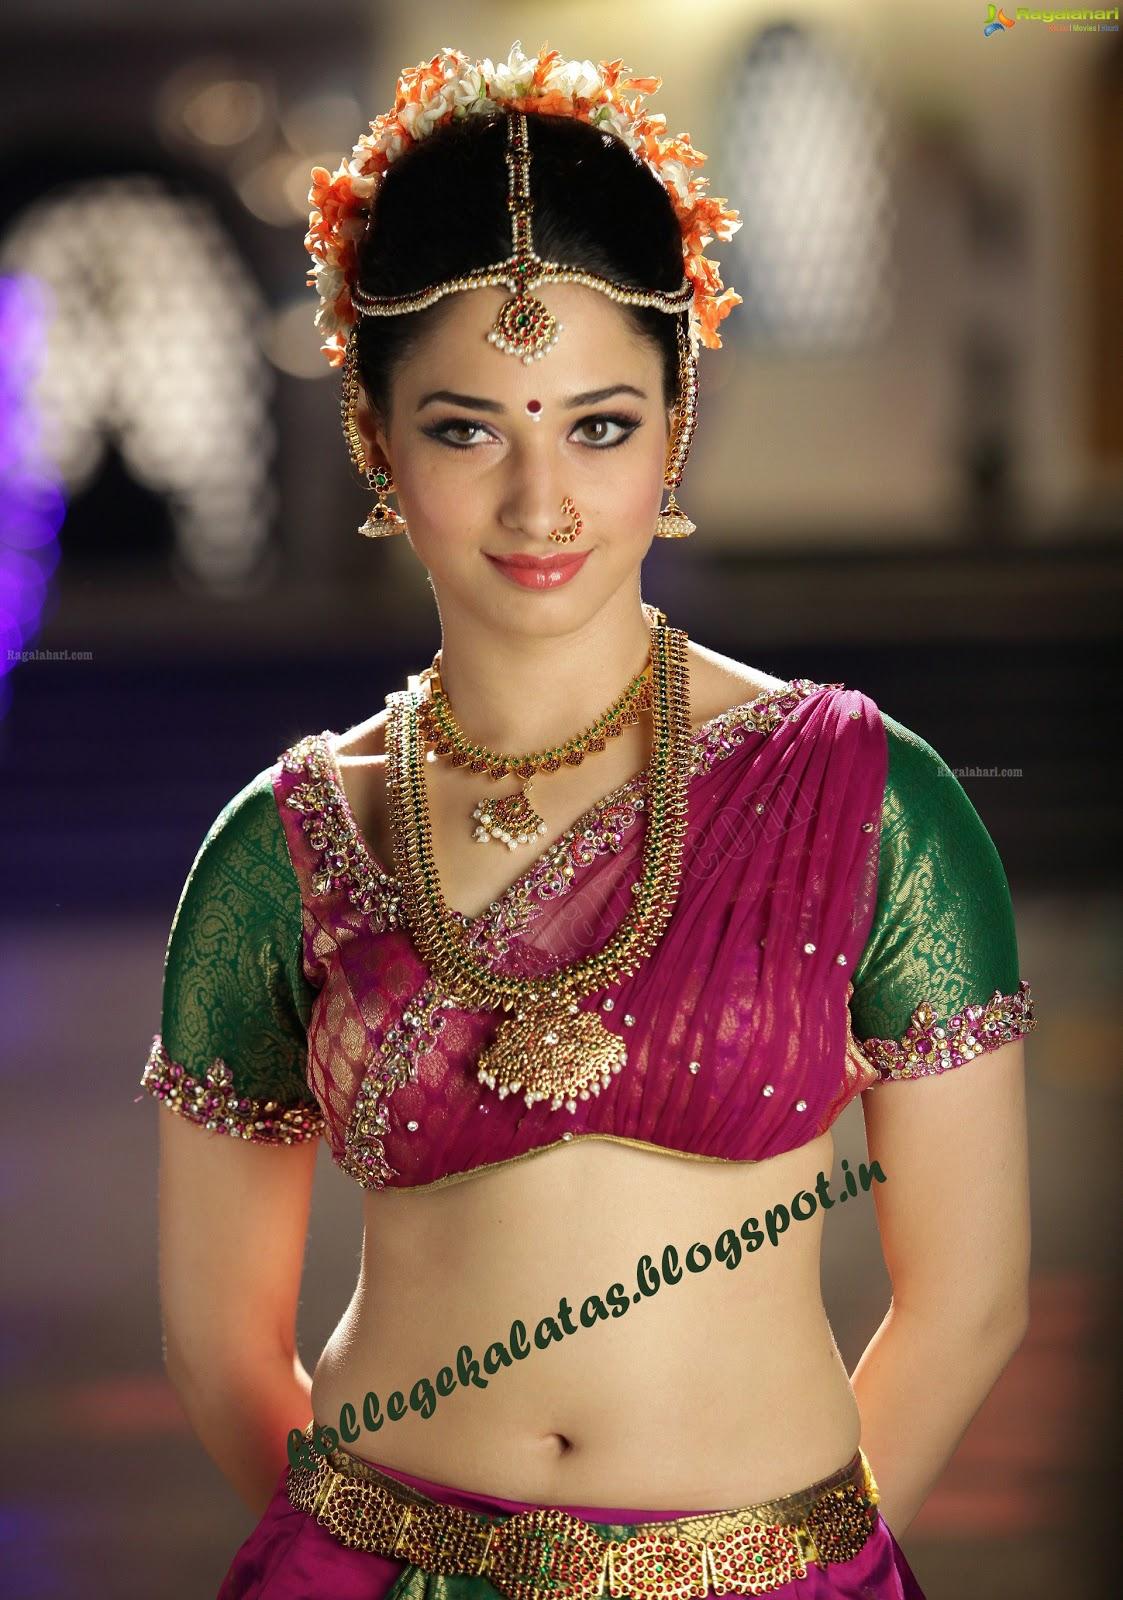 Tamil Kama Photos Actress,tamil actress cute